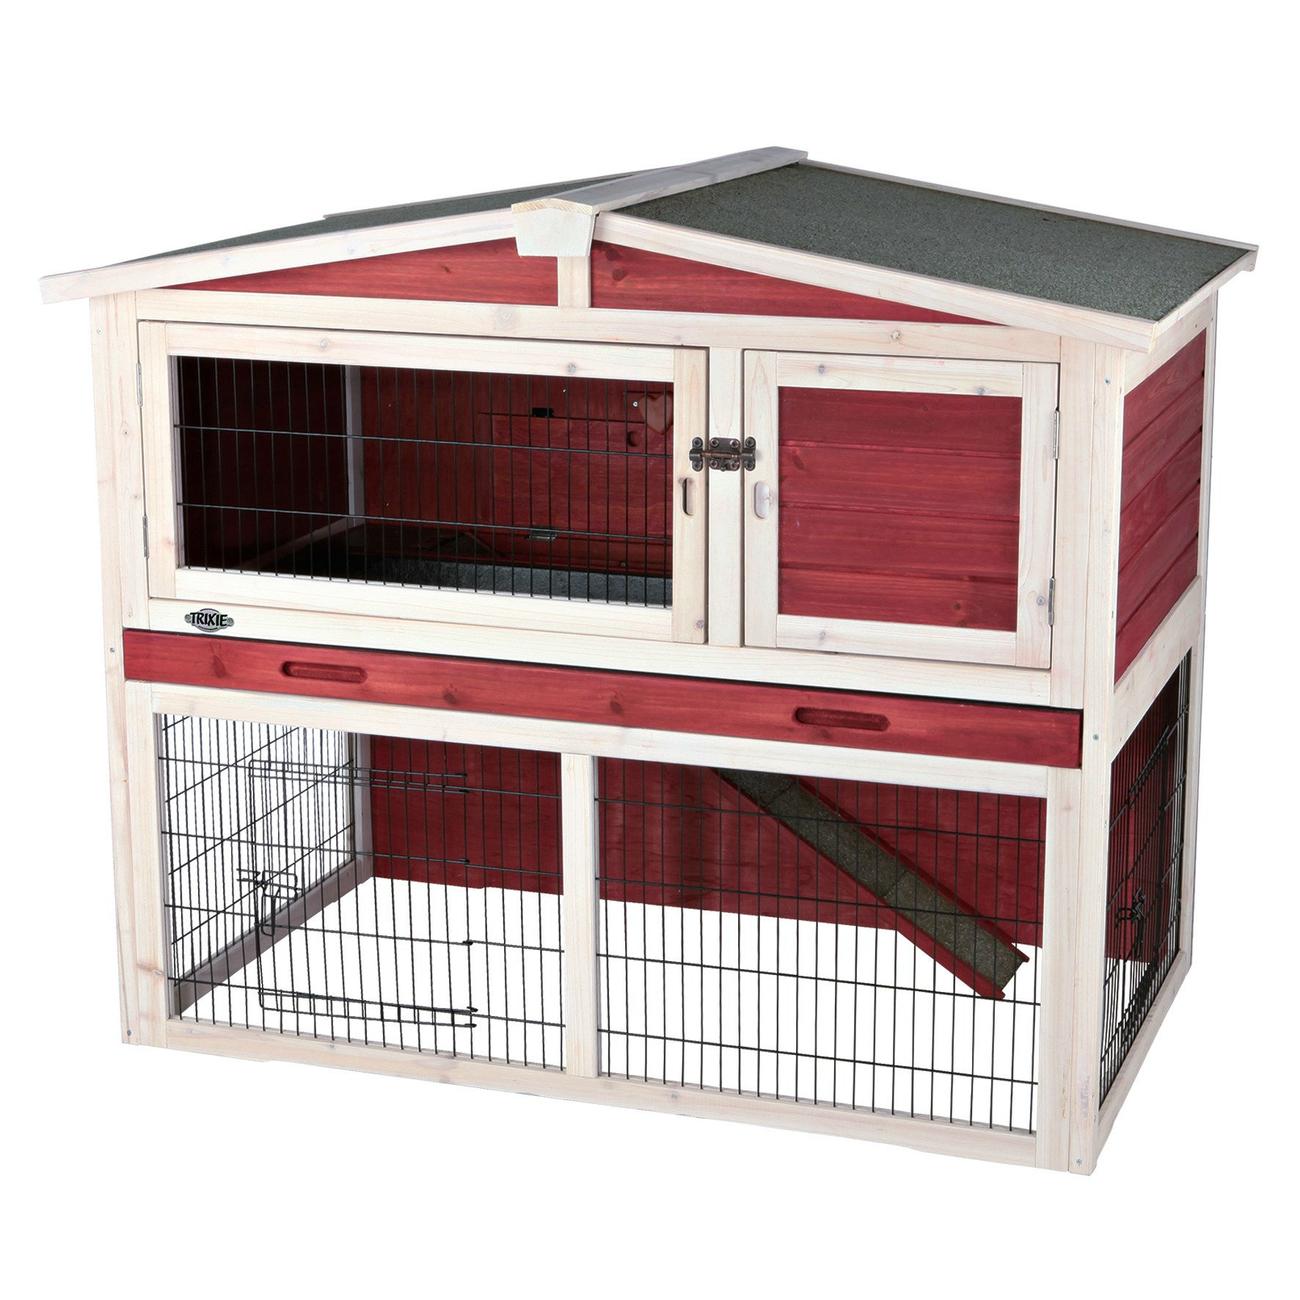 Trixie Natura Kaninchenstall mit Freilaufgehege rot-weiß 62325, Bild 2